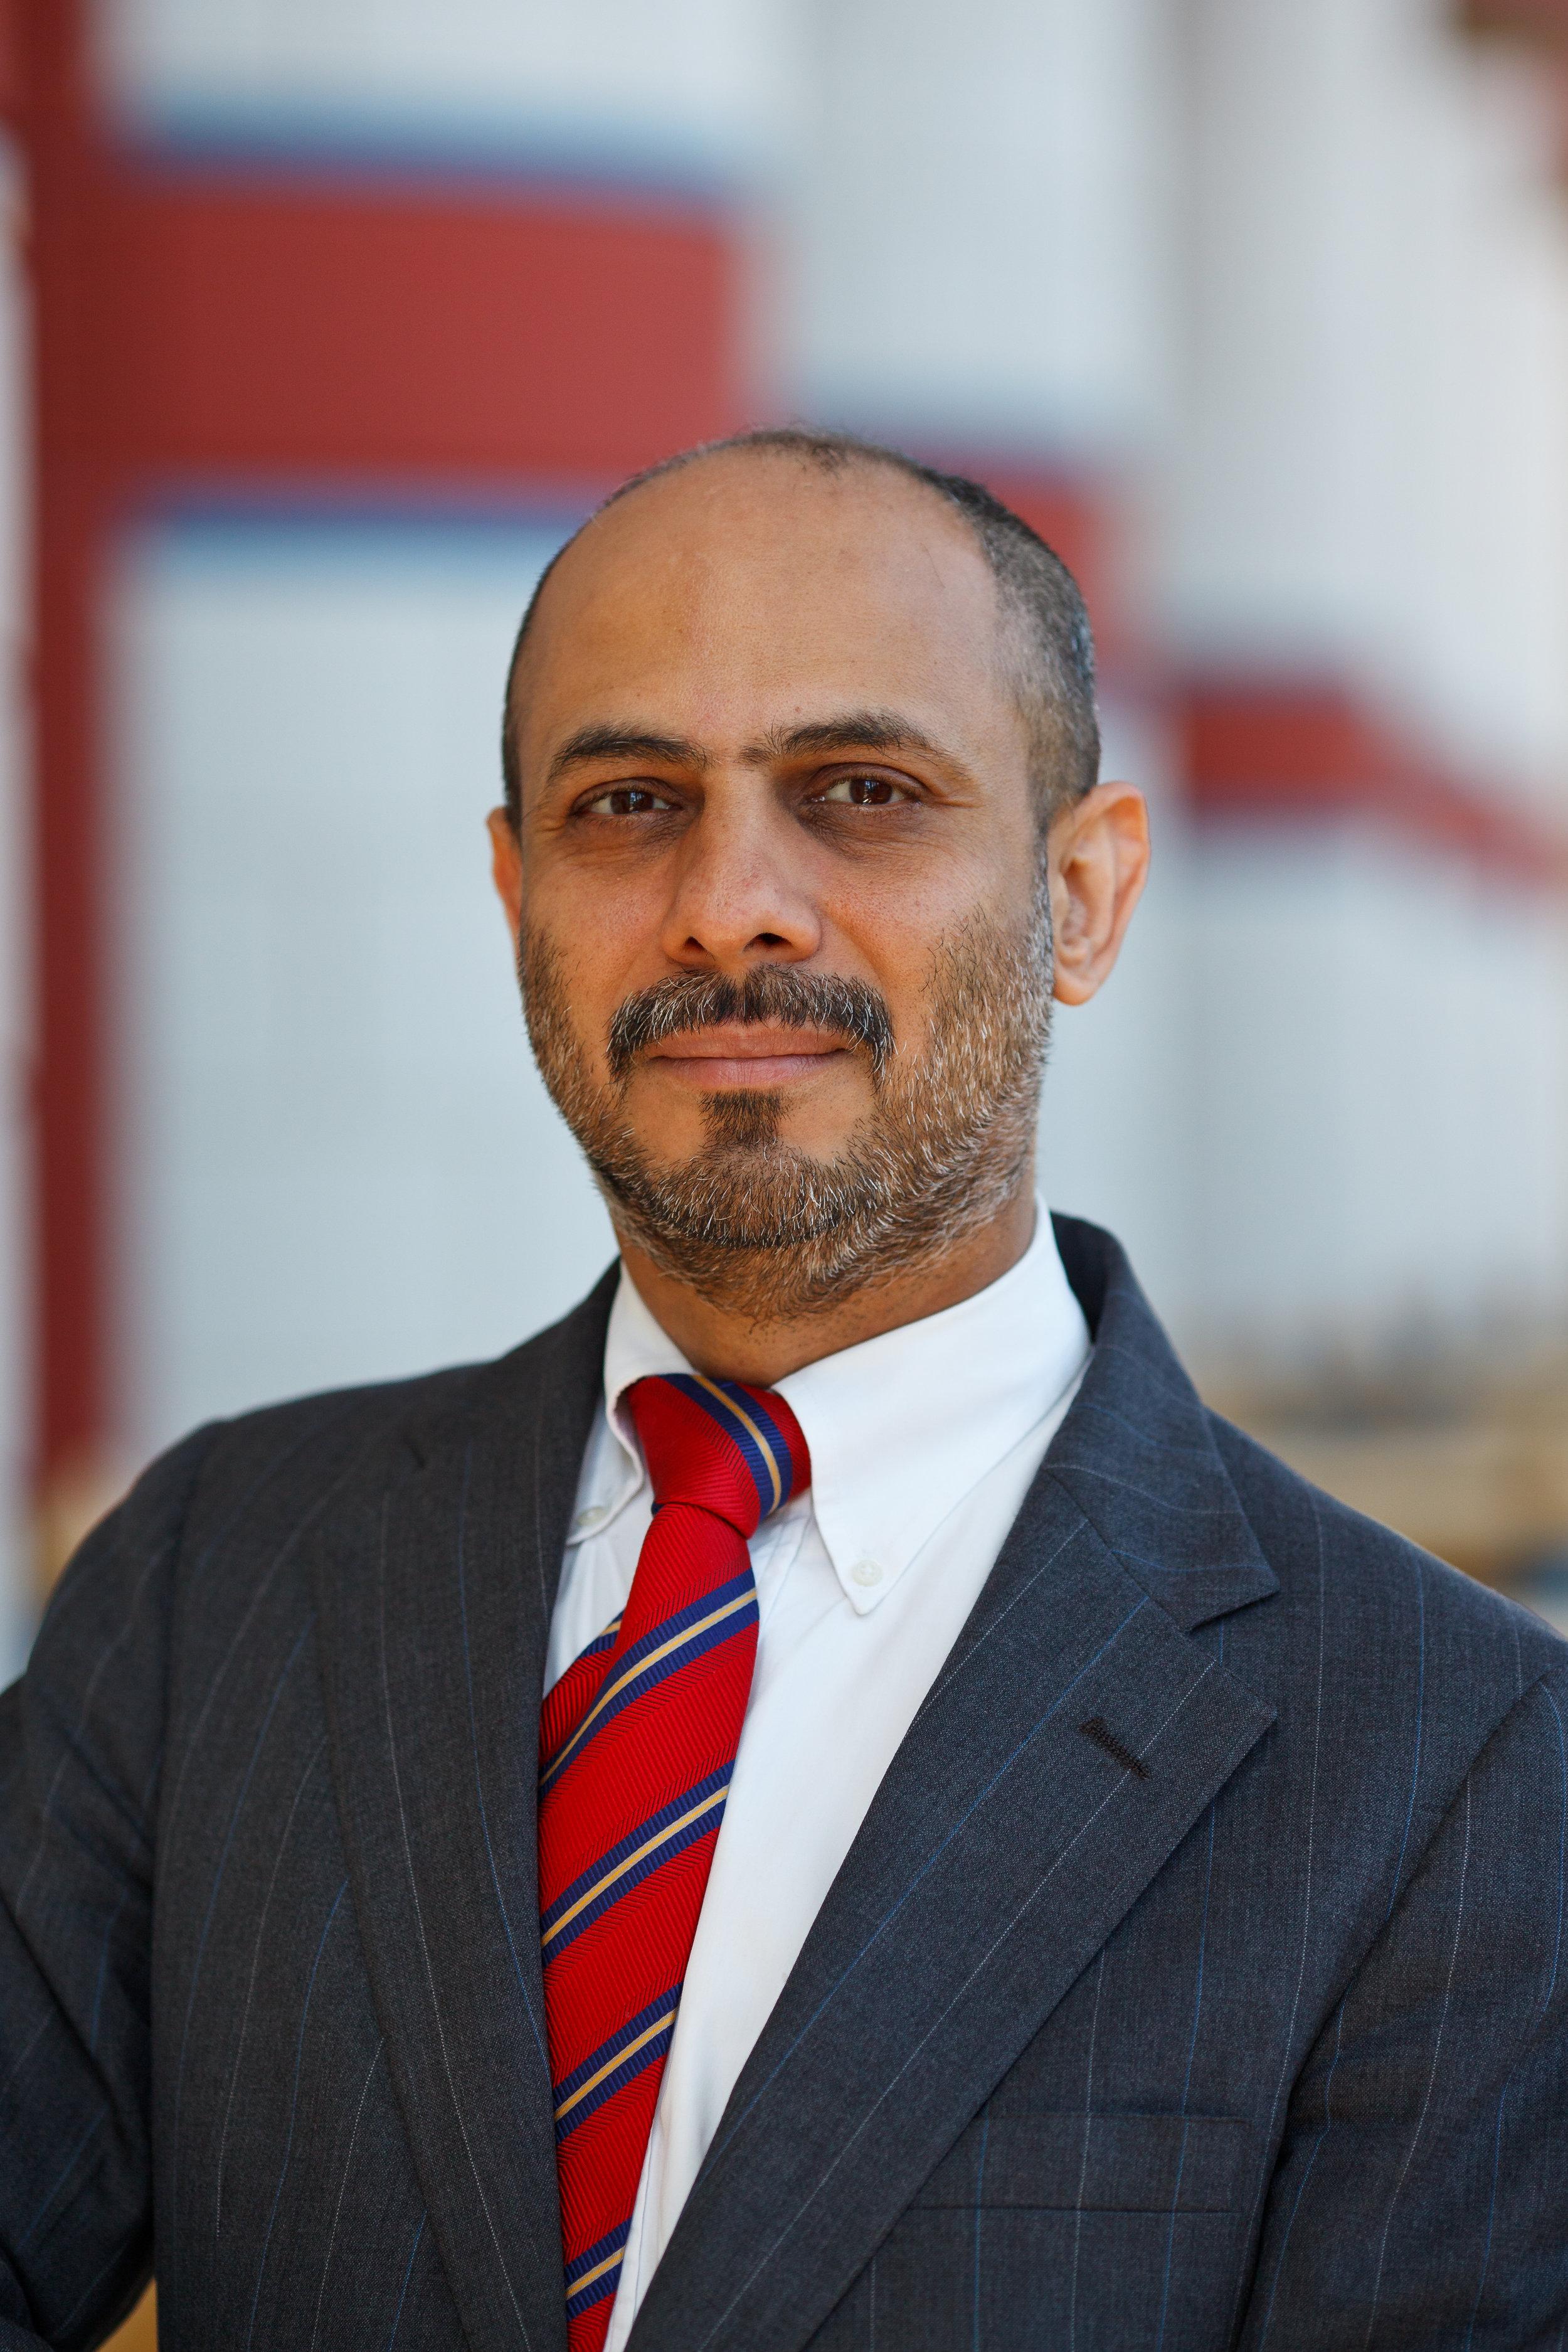 Professor Raghu Rau